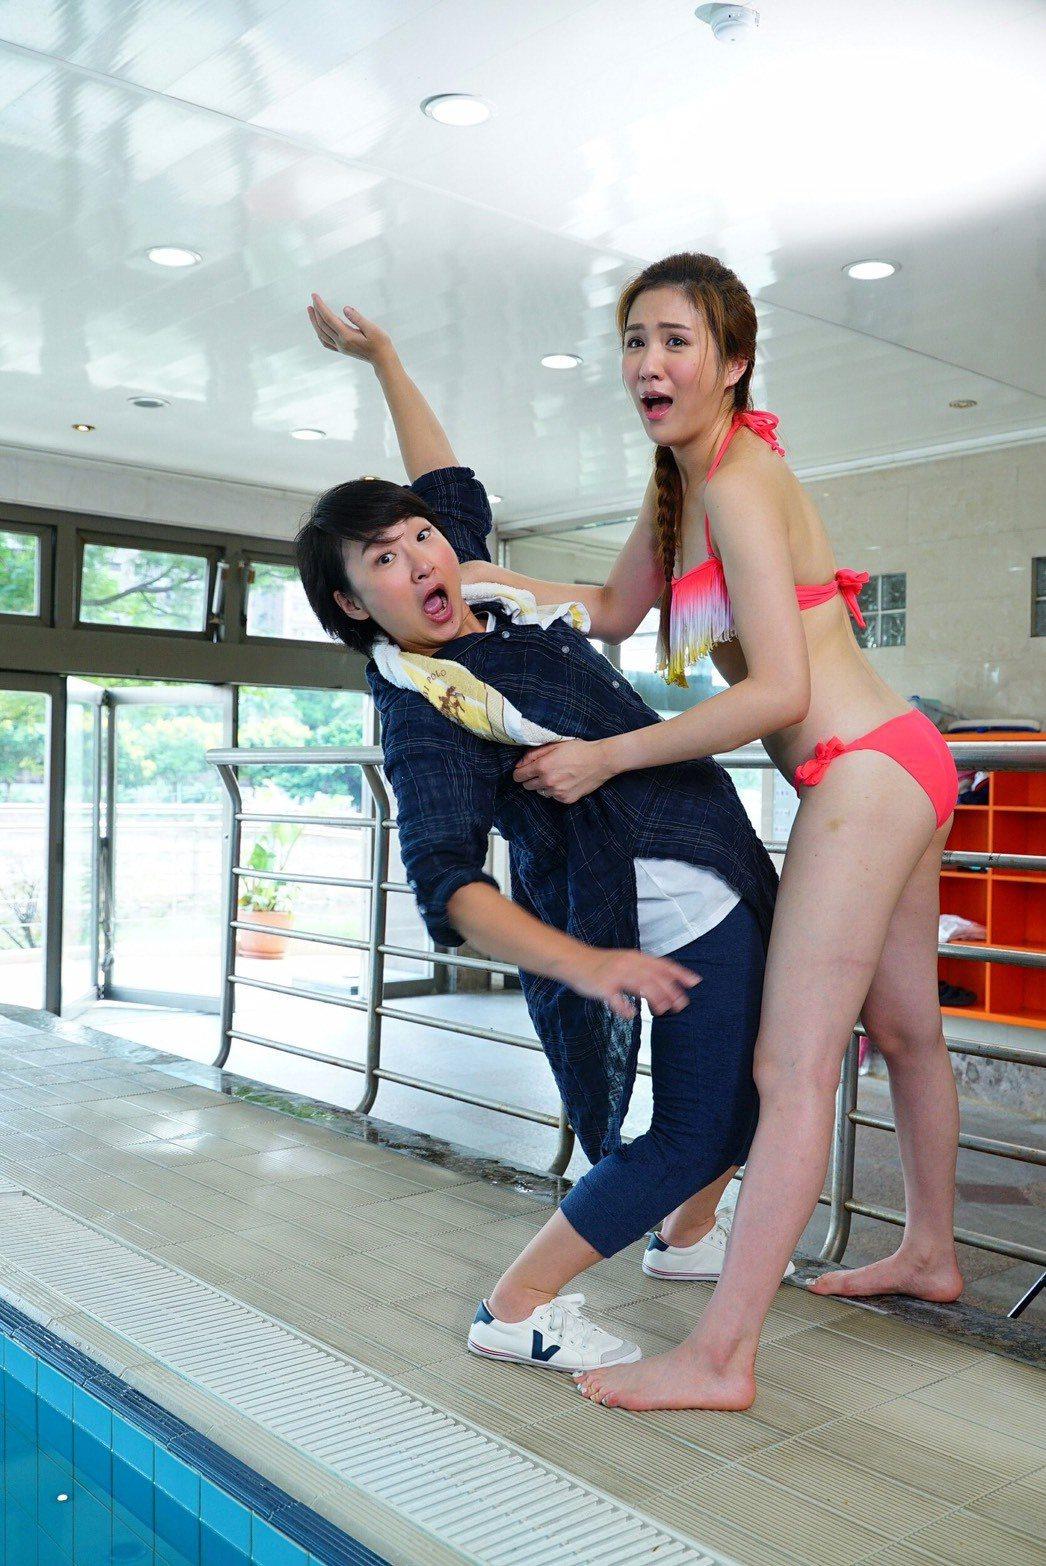 廖怡裬(左)、潘映竹拍「實習醫師鬥格」一場口角戲而落水。圖/民視提供